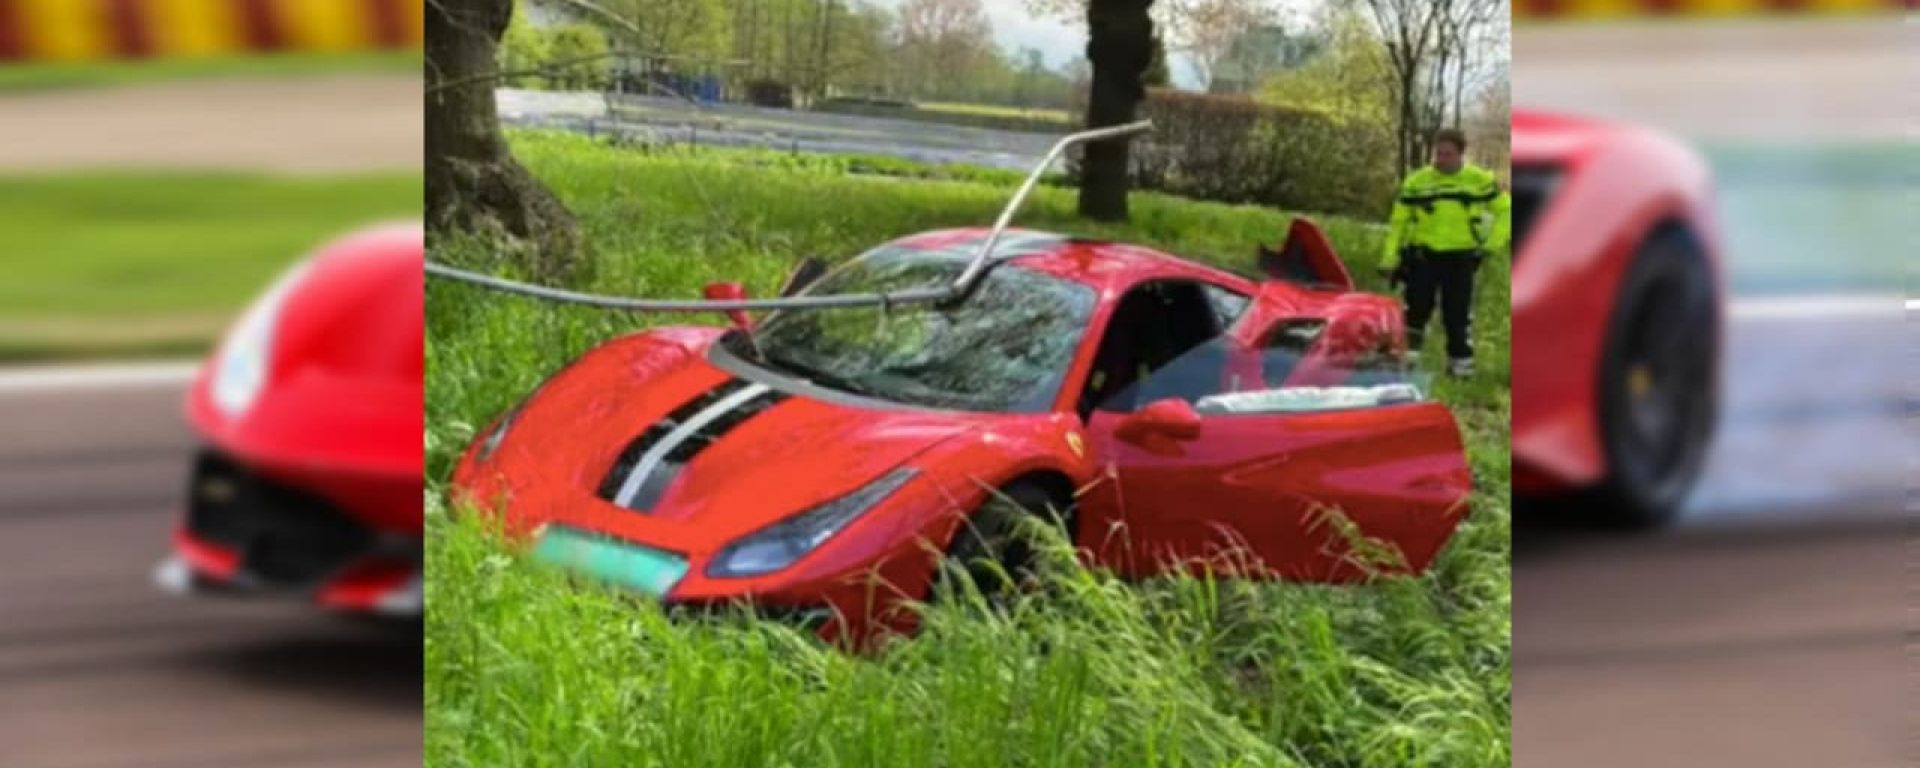 Incidente Ferrari 488 Pista: la macchina finita fuori strada